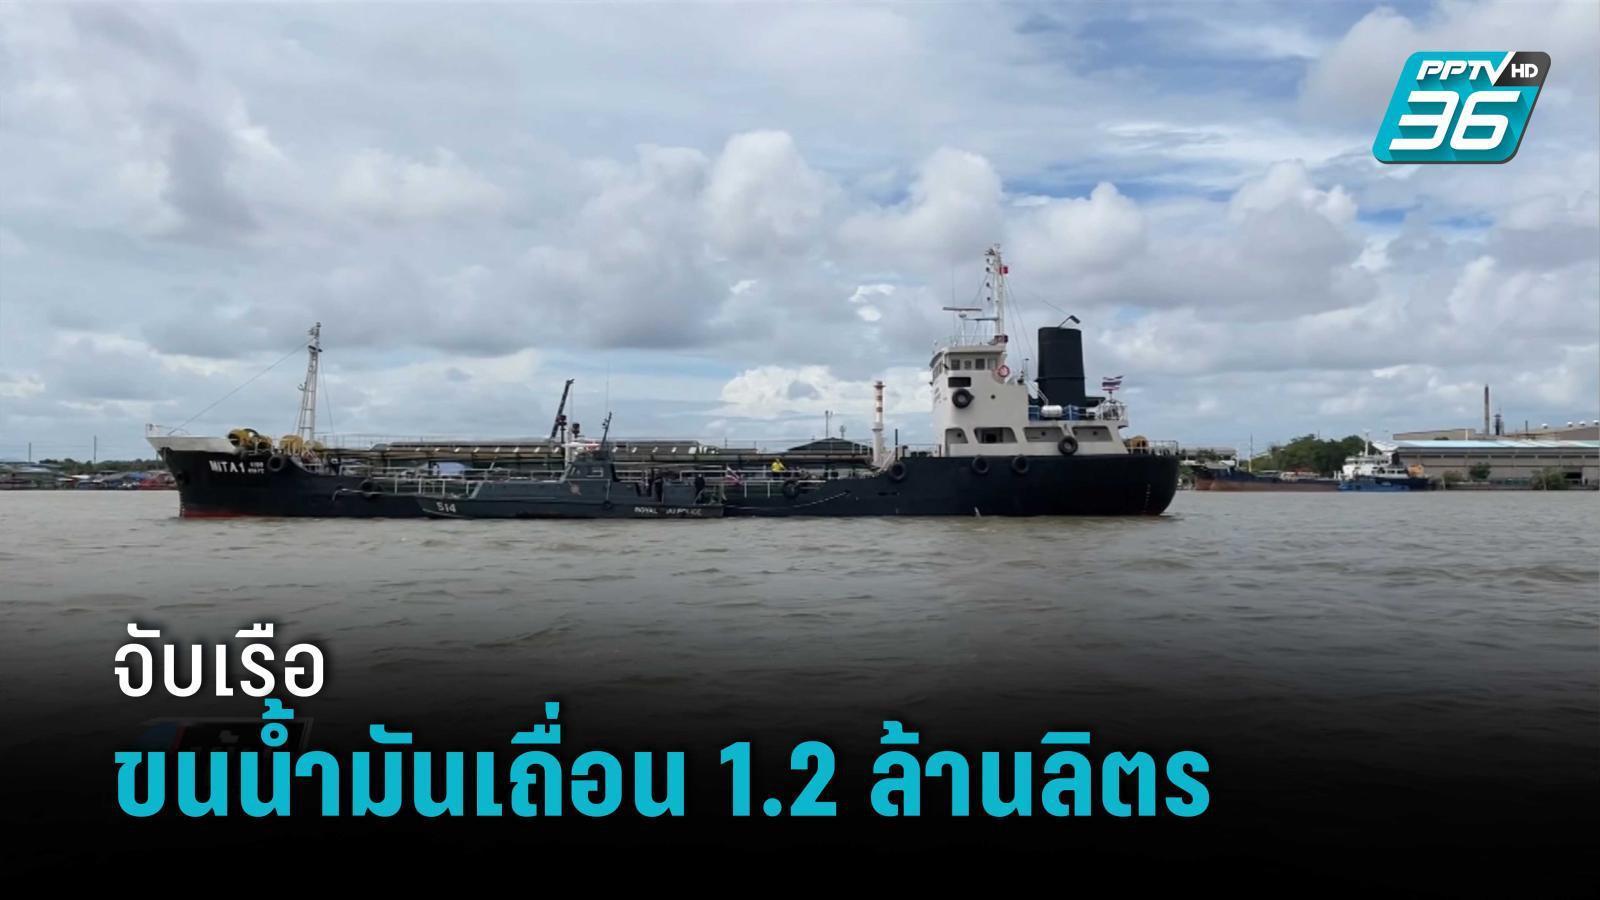 จับเรือลอบนำเข้าน้ำมันเถื่อน 1.2 ล้านลิตร   เข้มข่าวค่ำ